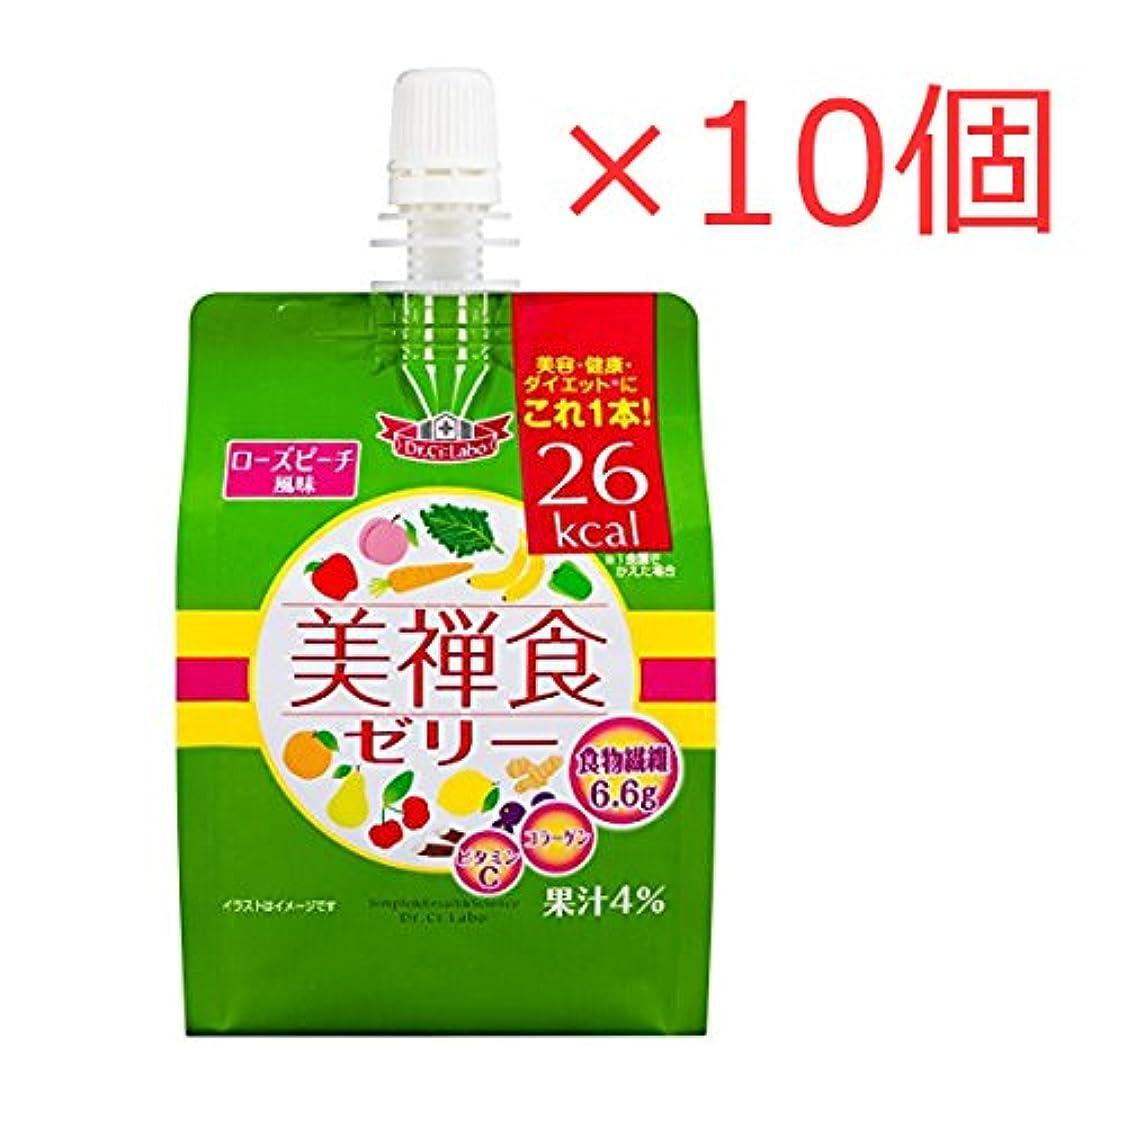 近代化侵略強大なドクターシーラボ 美禅食ゼリー (ローズピーチ風味) 200g×10個セット